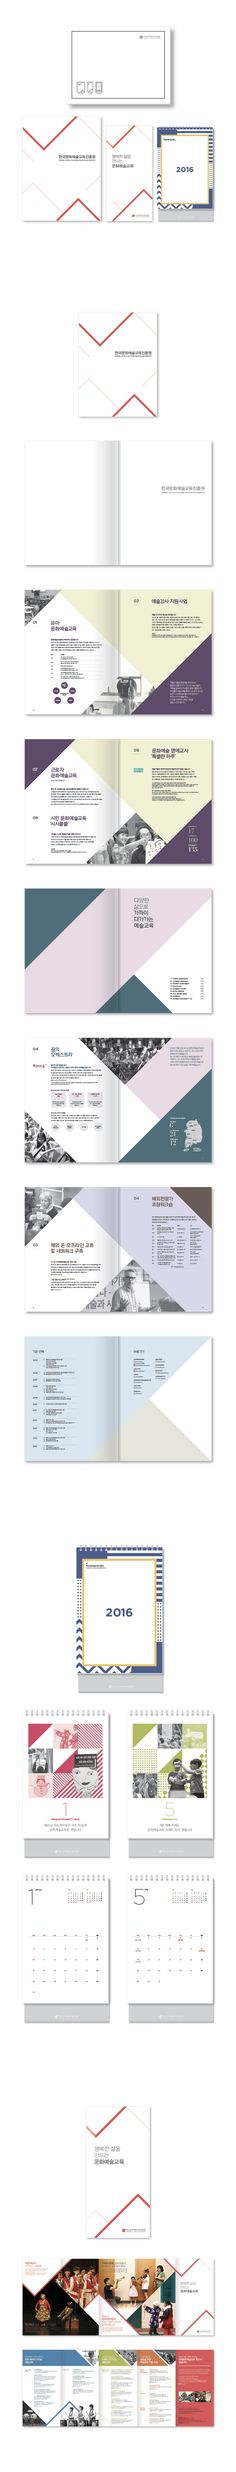 [한국문화예술교육진흥원] 세트박스 | 203 × Design Studio